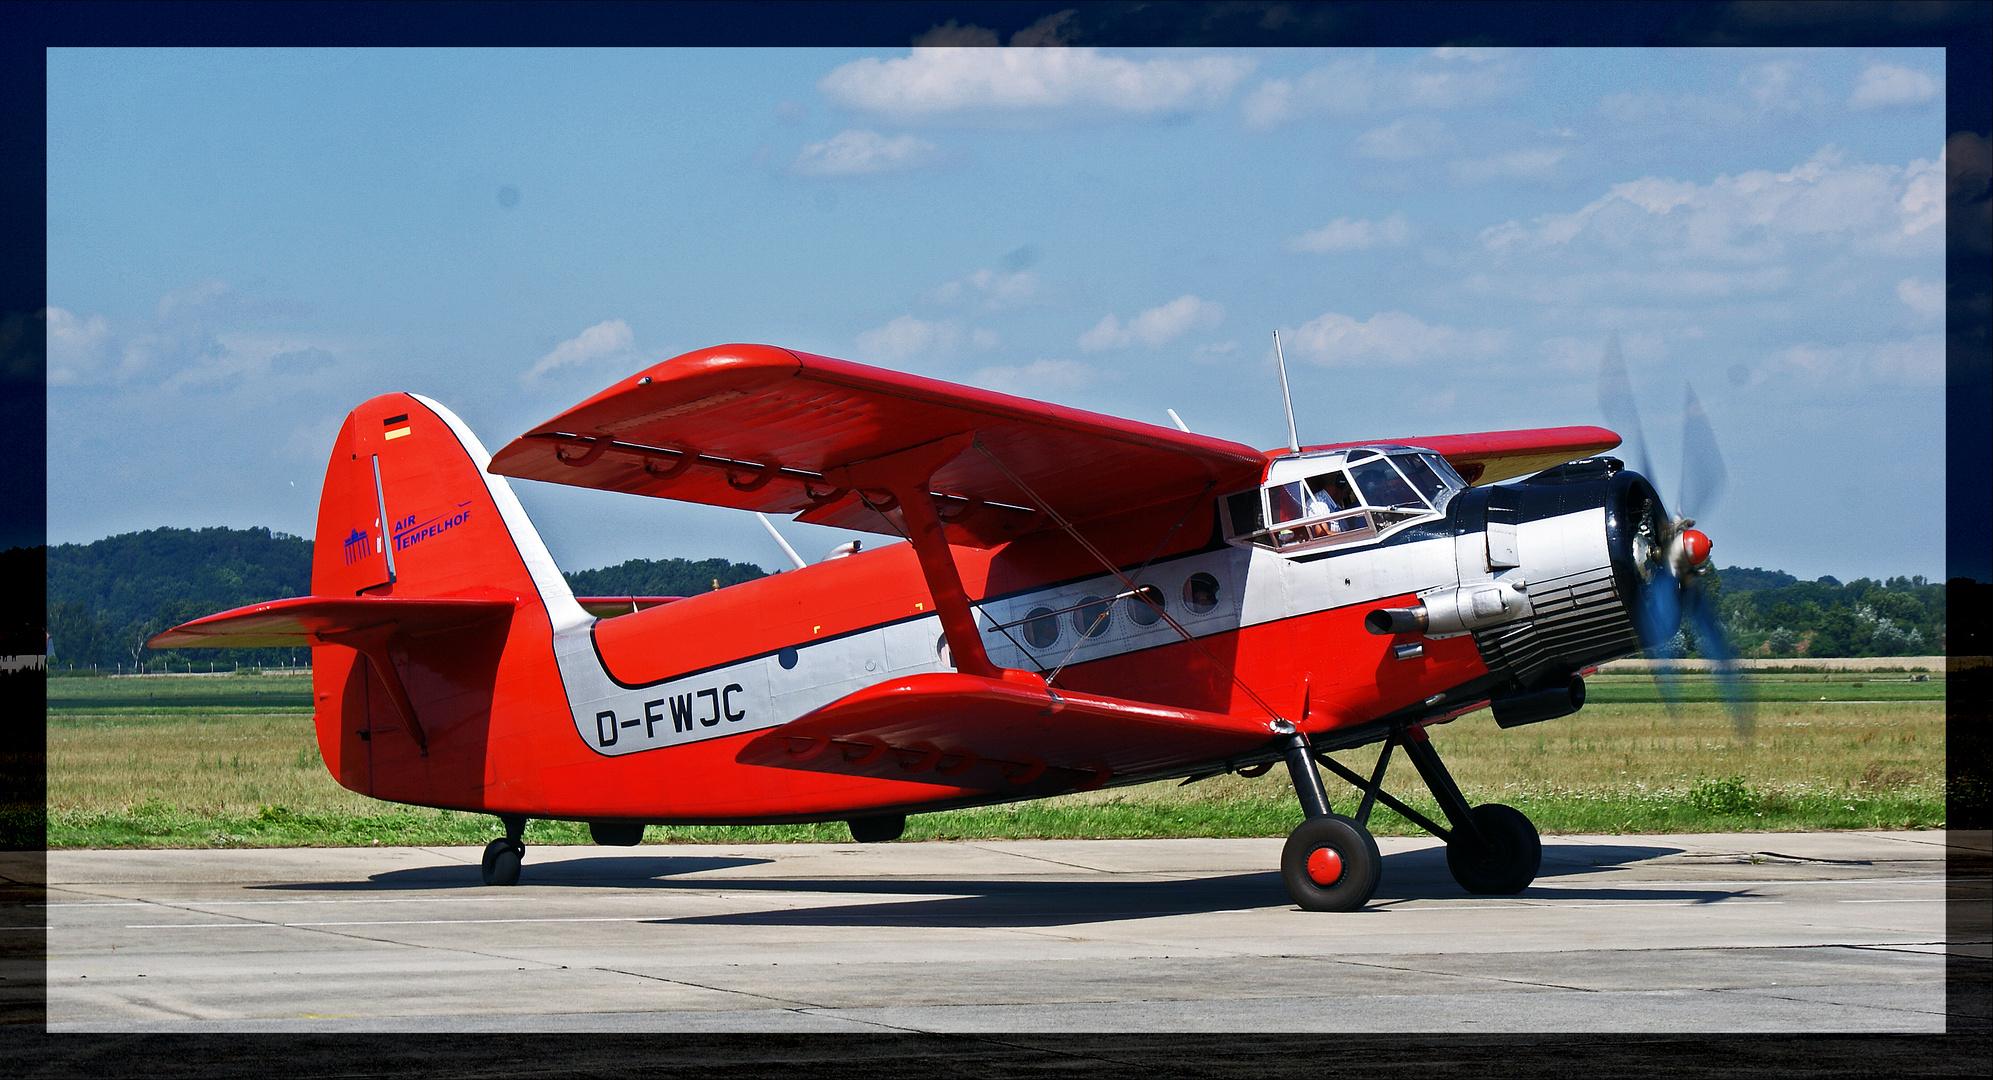 Air Tempelhof